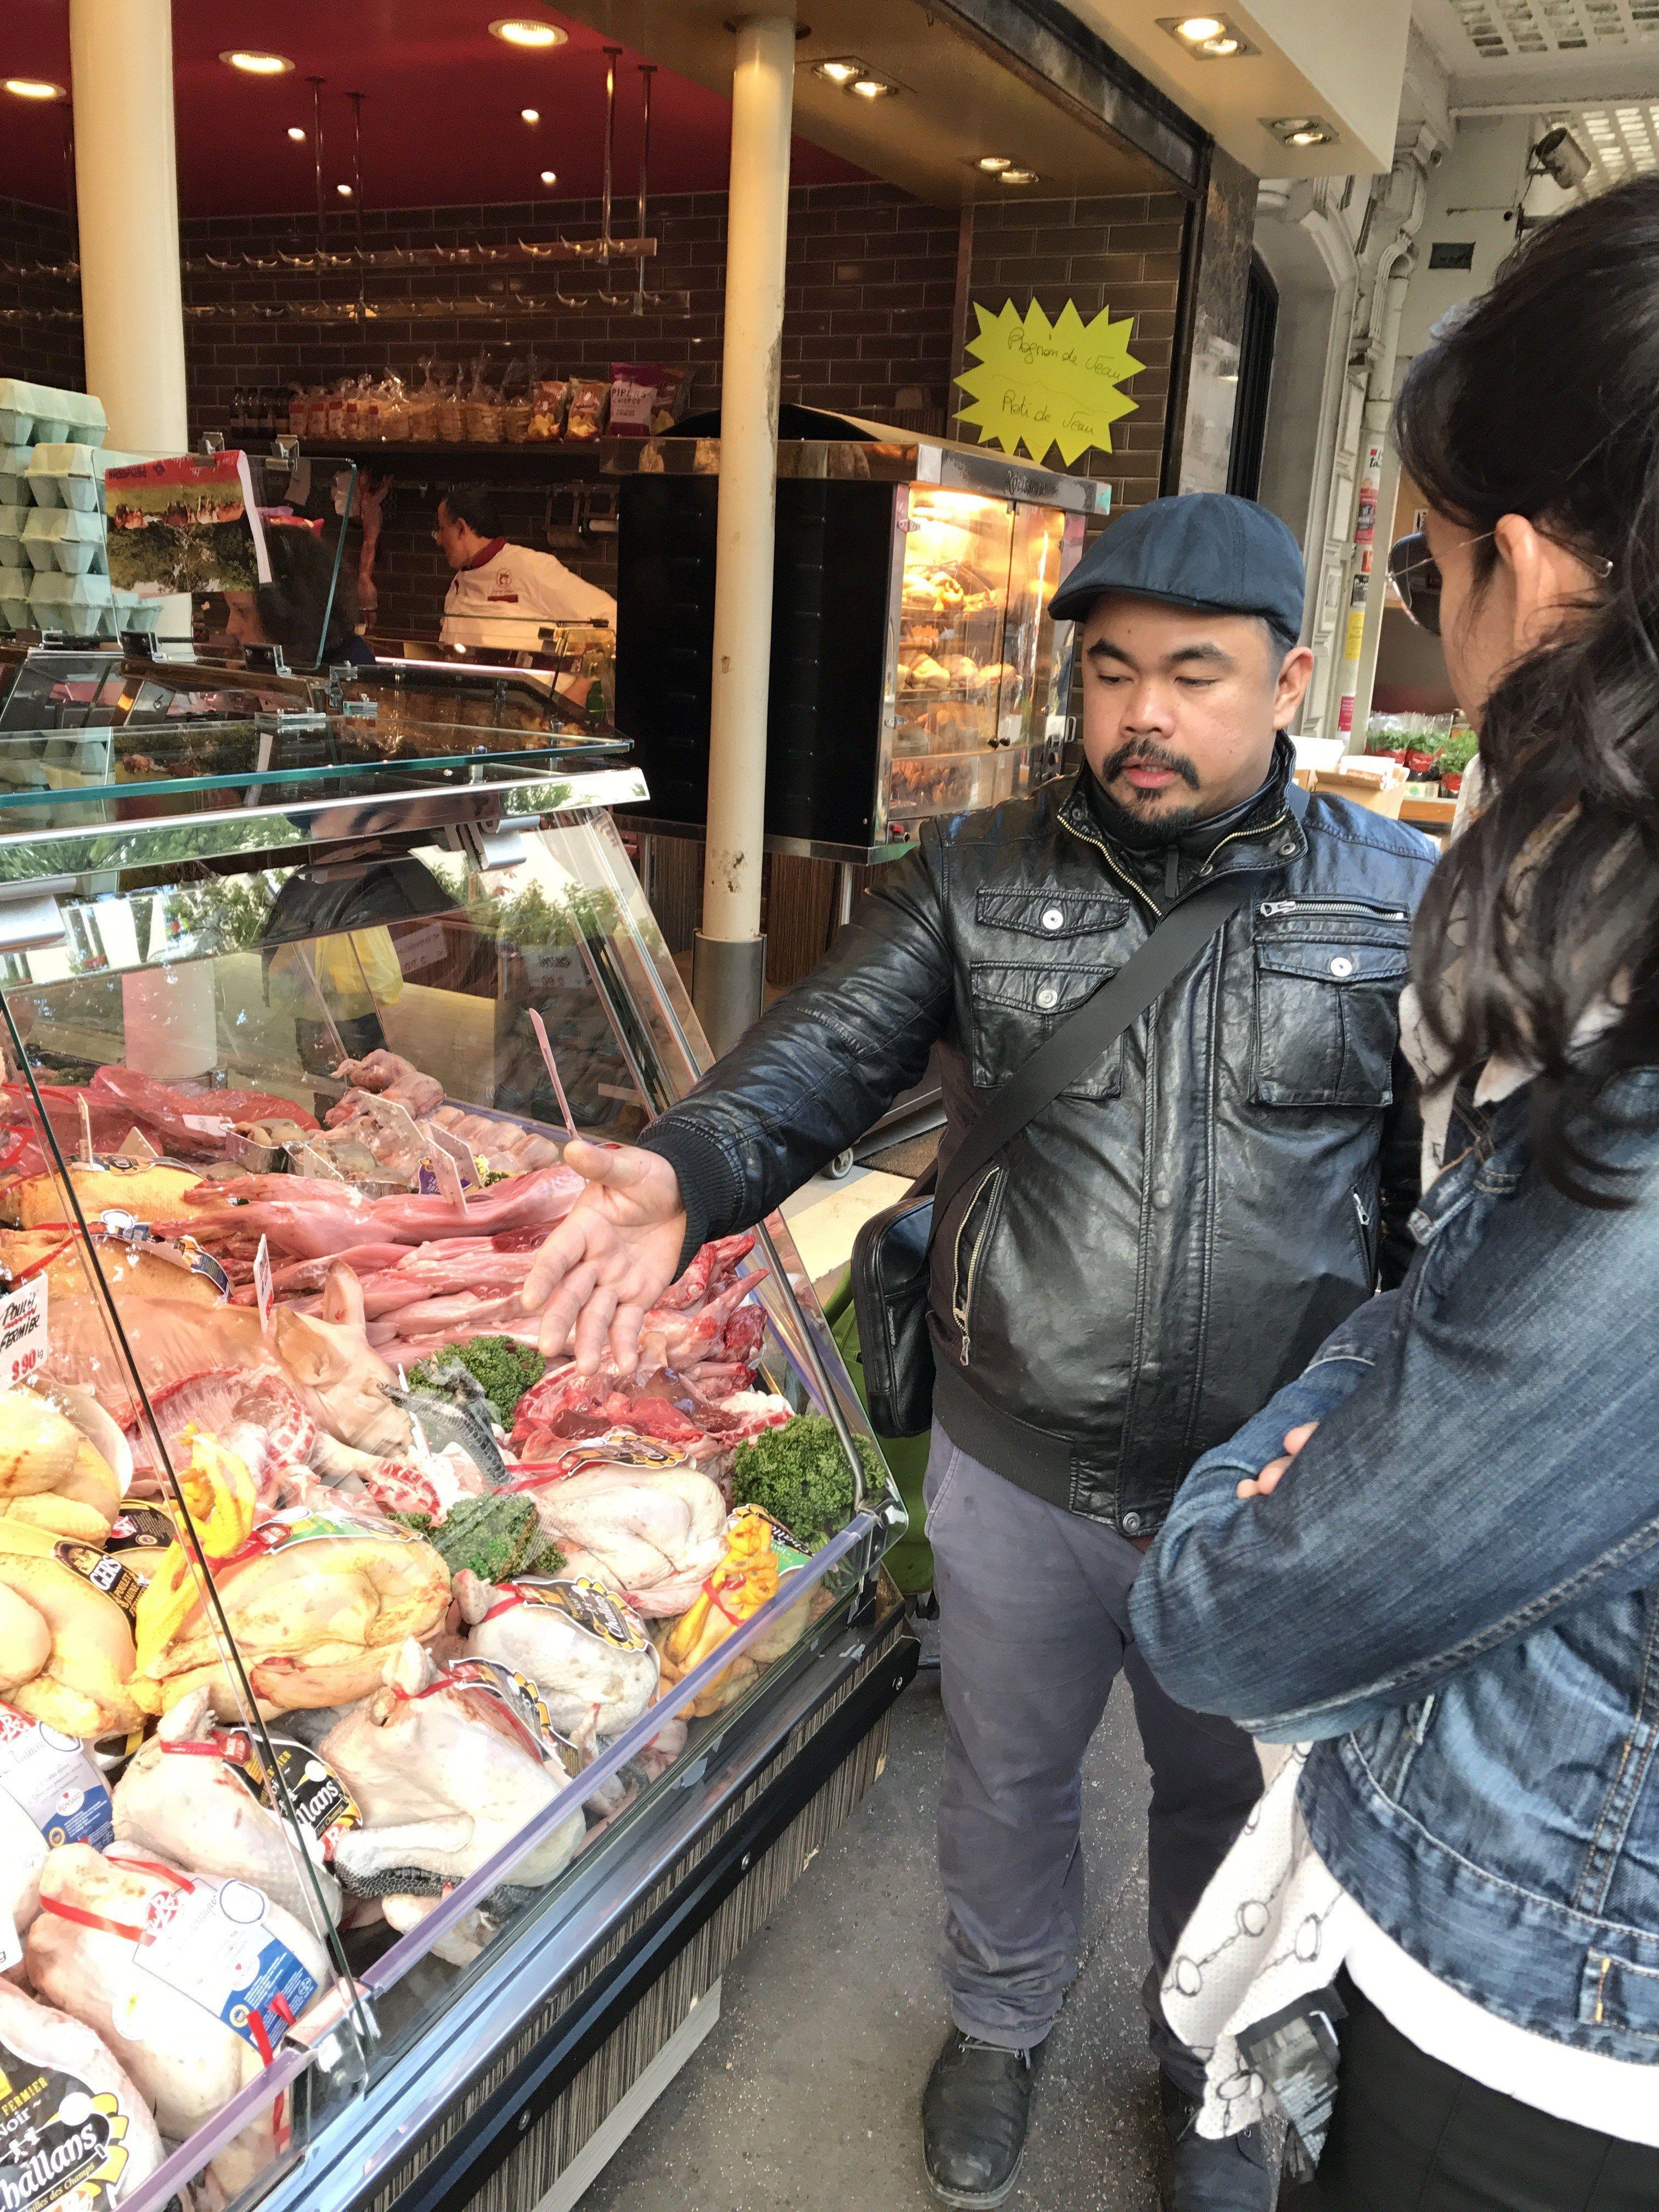 Sunday market in Paris